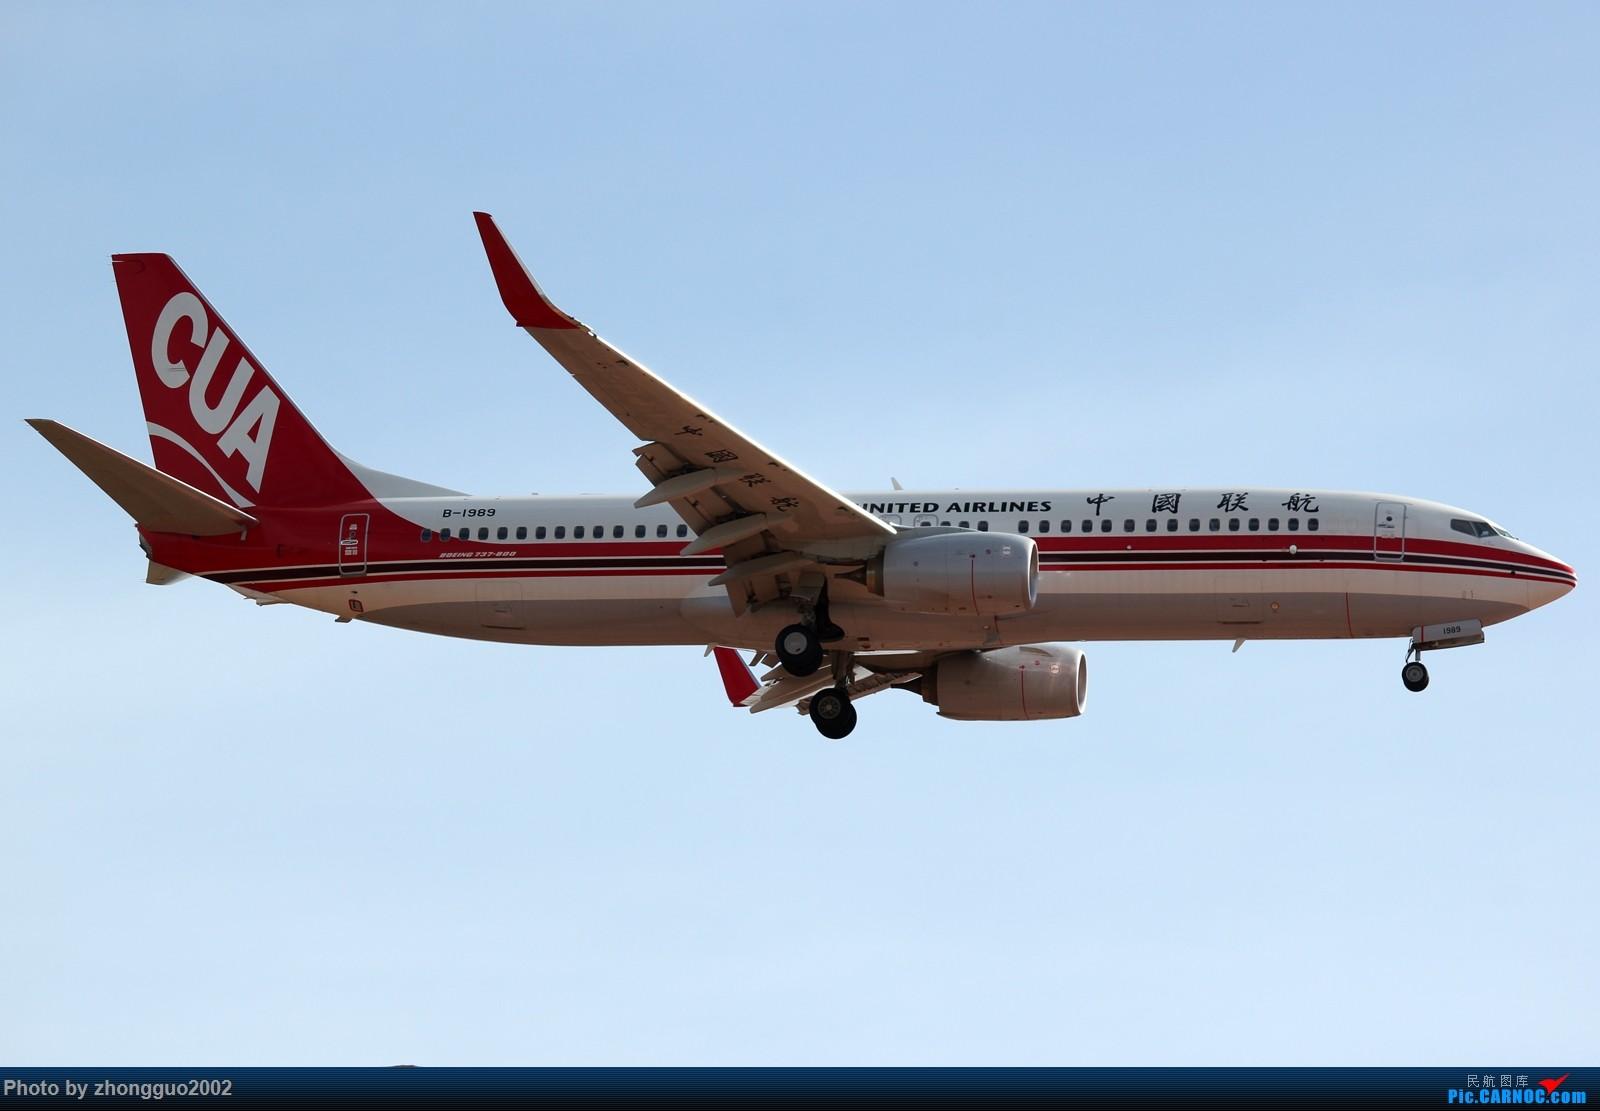 Re:[原创]【BLDDQ--深圳打机队】发小飞机盖楼贴,凡跟帖1字开头大陆民航飞机图的,每图五架小飞机不重复 BOEING 737-800 B-1989 中国北京首都国际机场